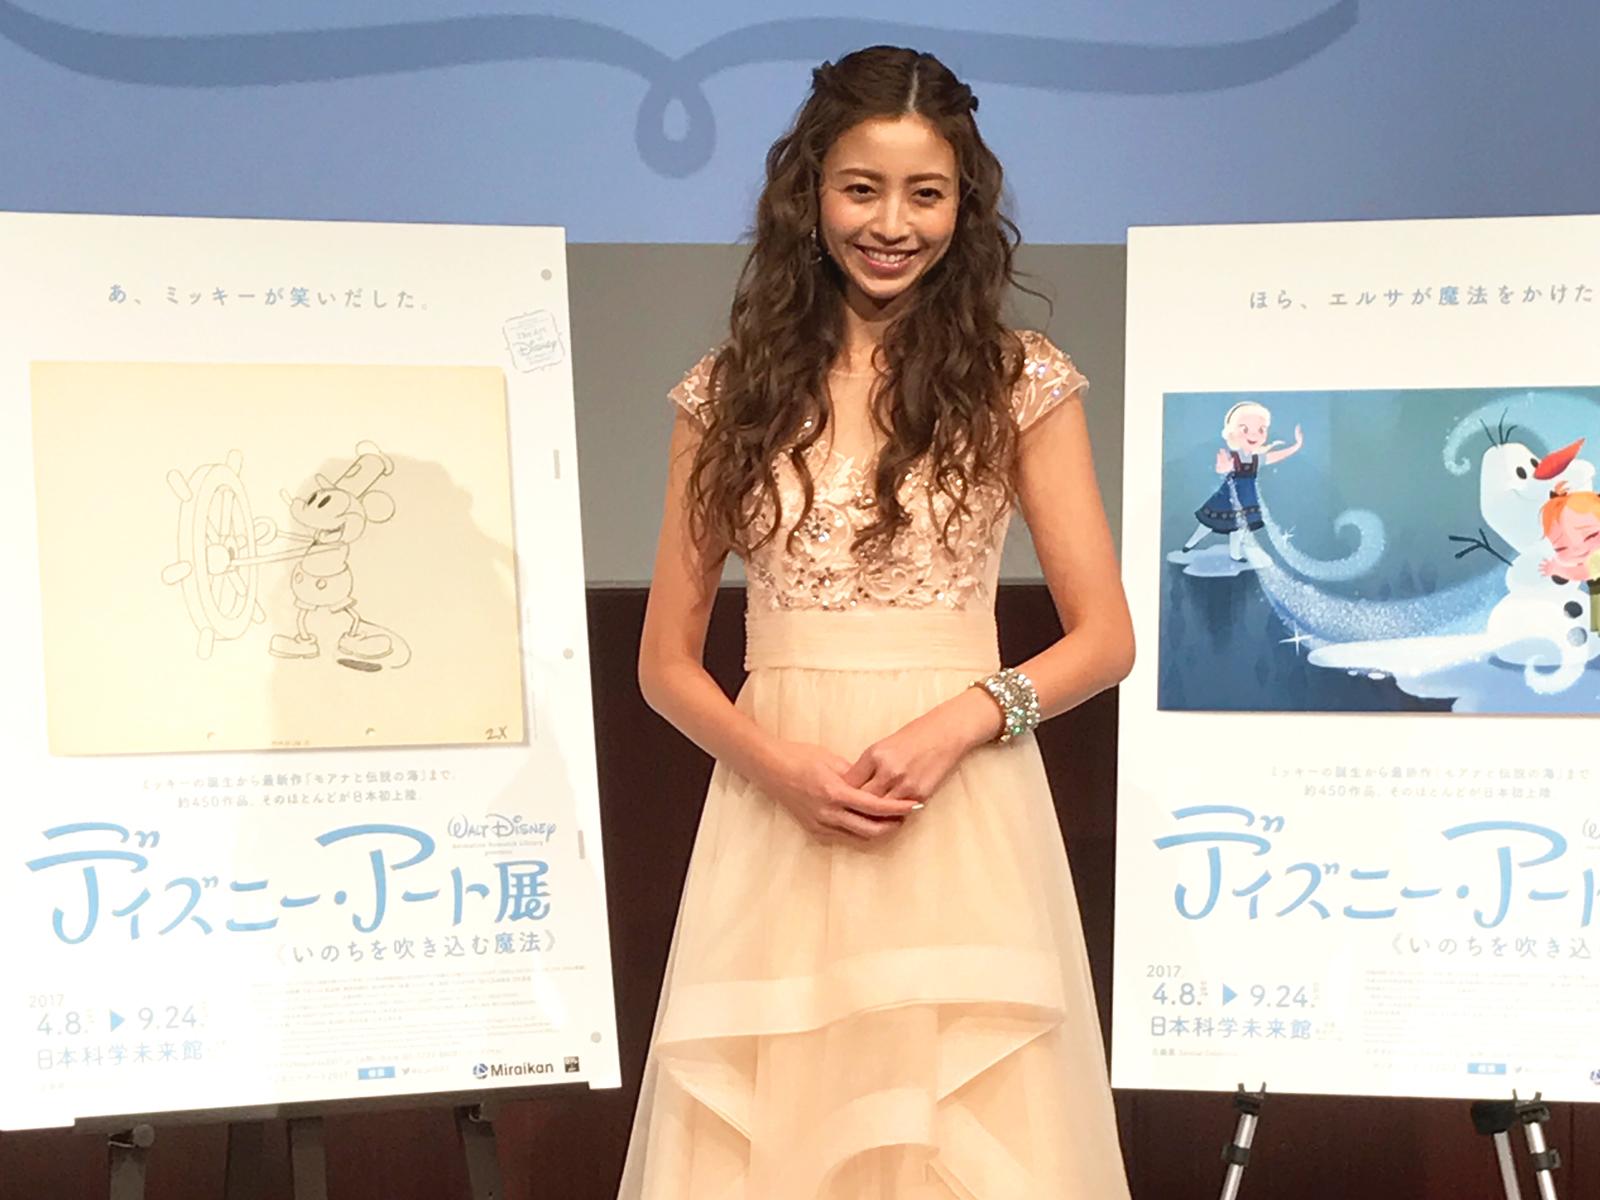 『ディズニー・アート展 いのちを吹き込む魔法』記者発表会に登場した片瀬那奈